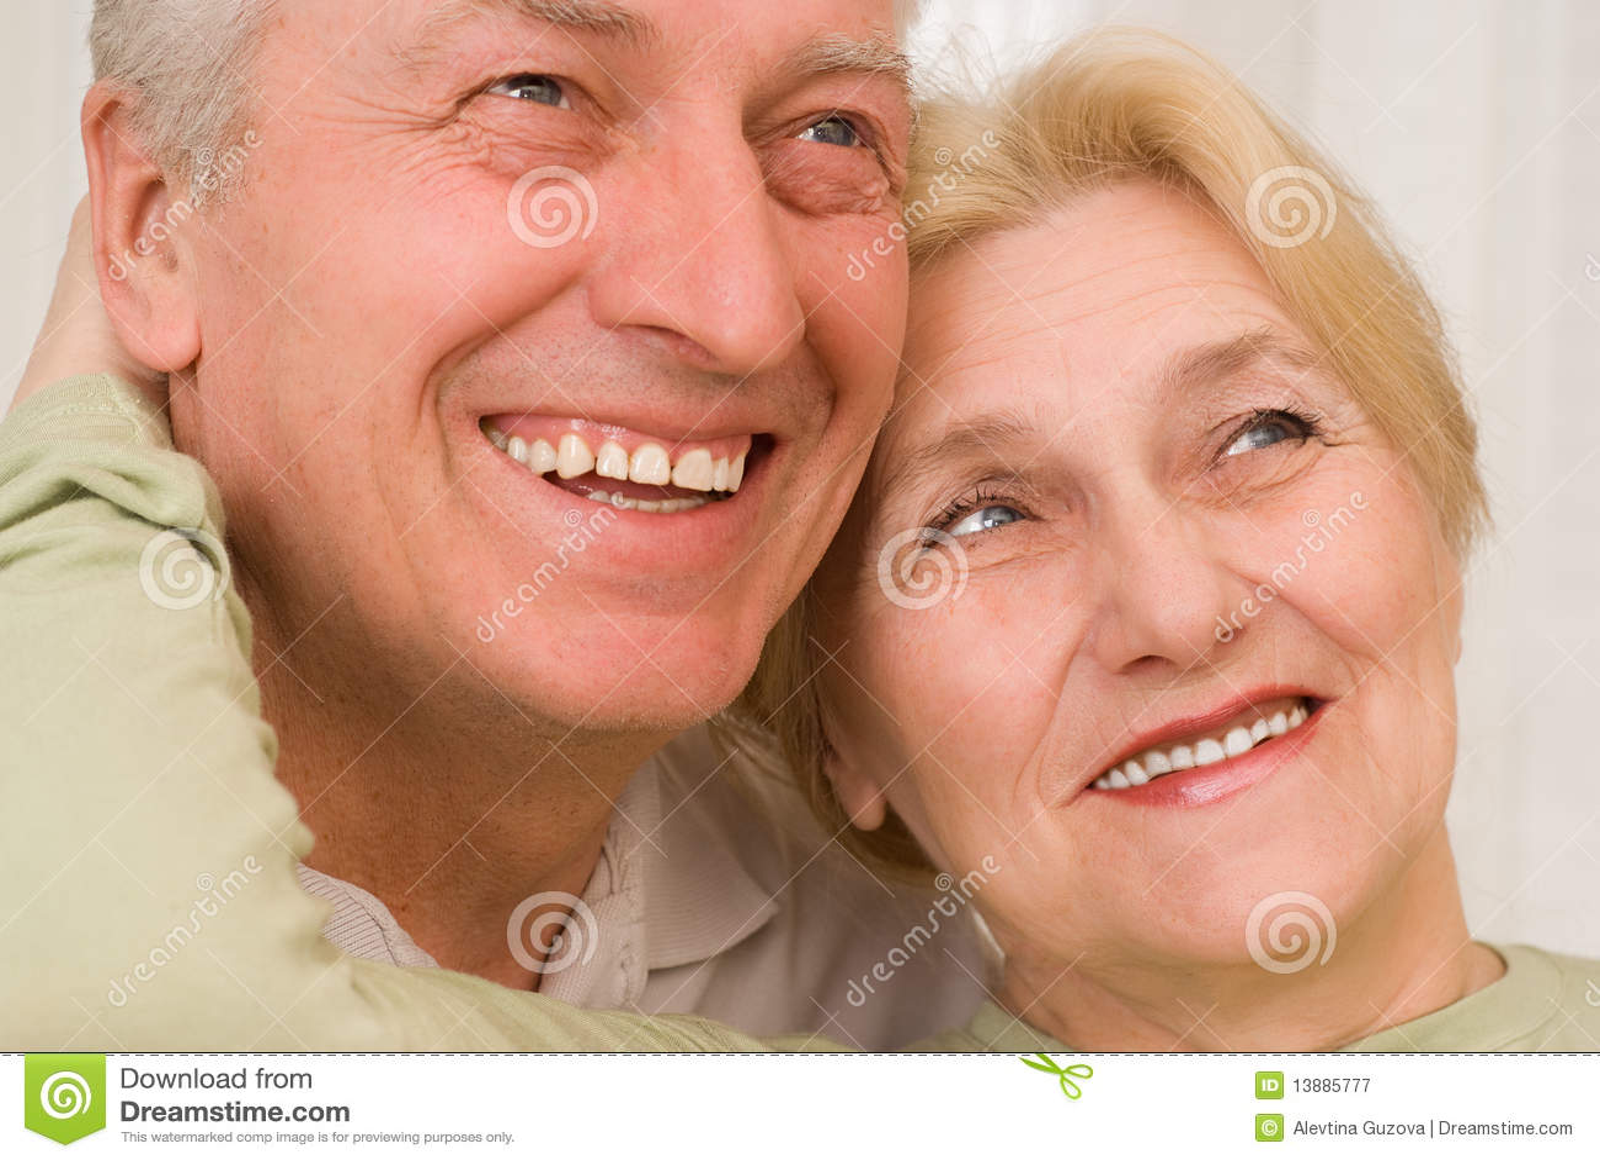 Πορτρέτο ενός όμορφου ζεύγους